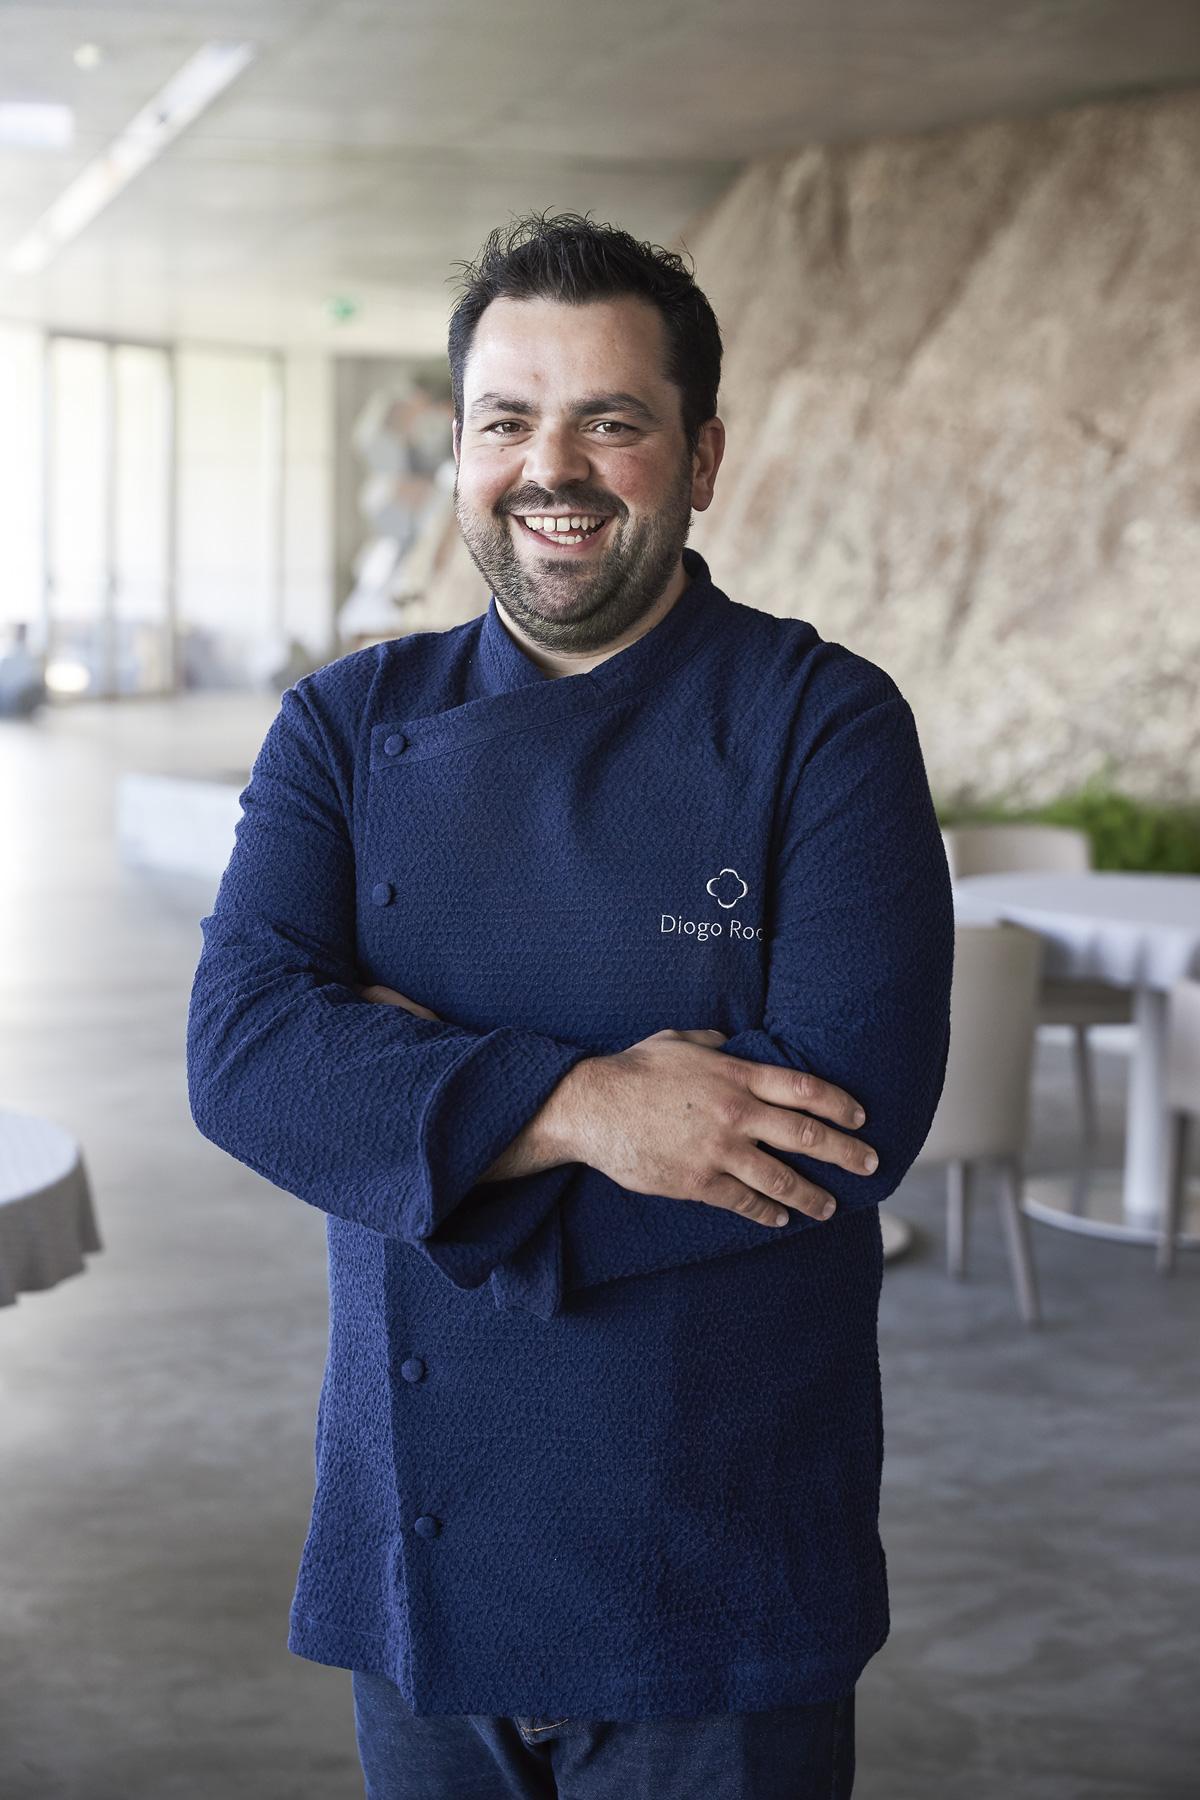 Chef Diogo Lemos